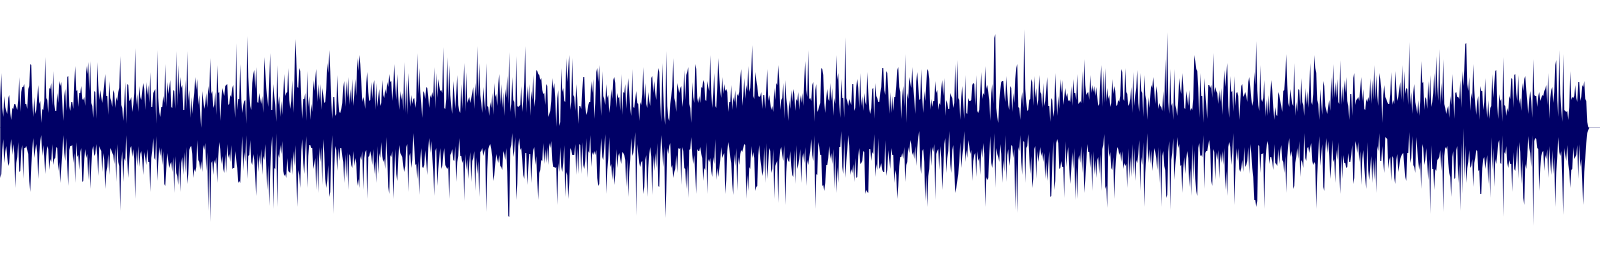 waveform of track #151184